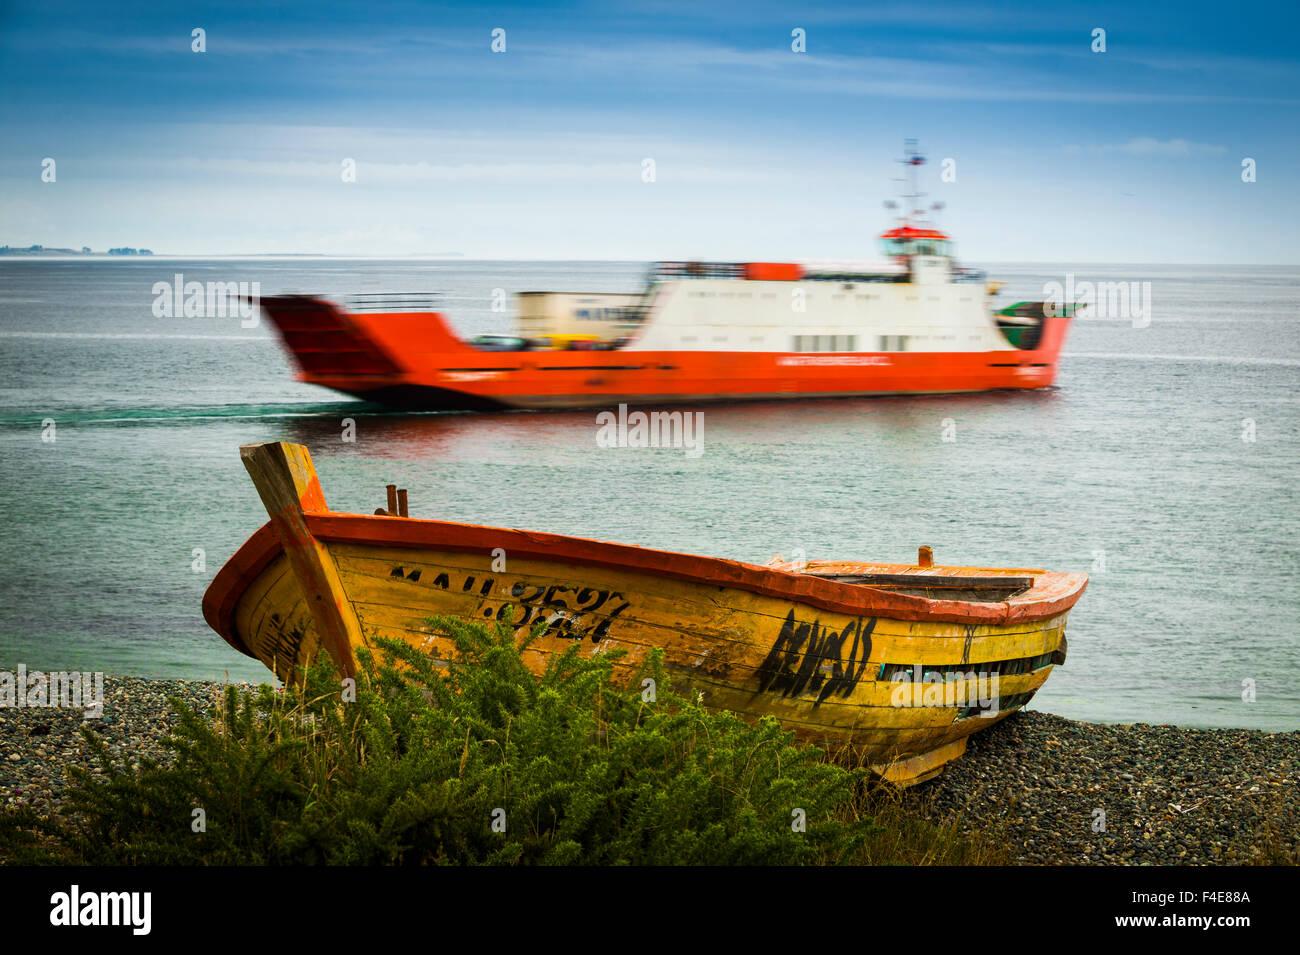 Traghetto, al Canale di Chacao, chiloe, Cile Immagini Stock